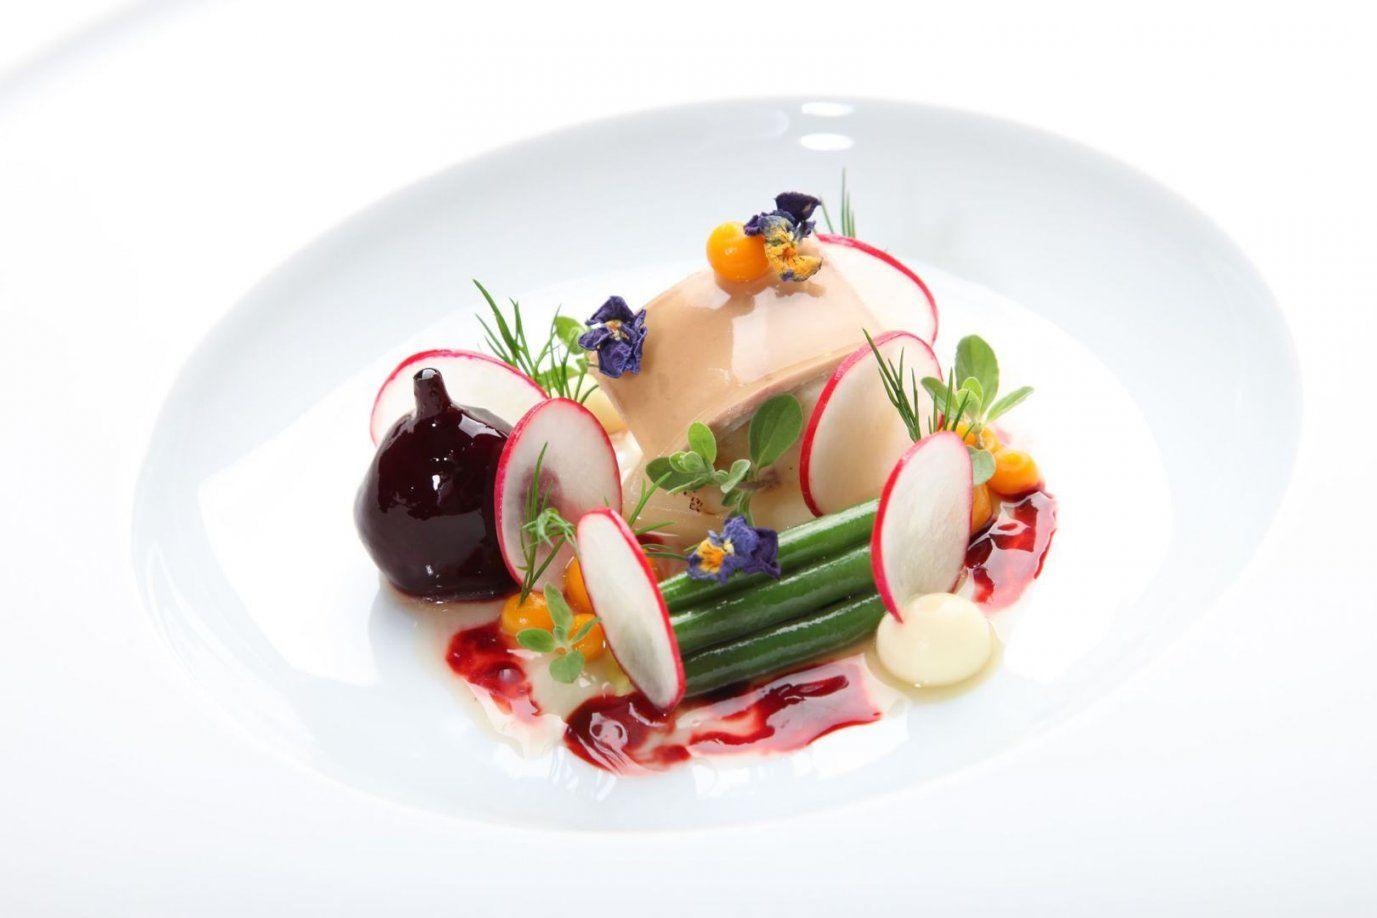 Lorenz Adlon Esszimmer Restaurants Fiylo Von Lorenz Adlon Esszimmer